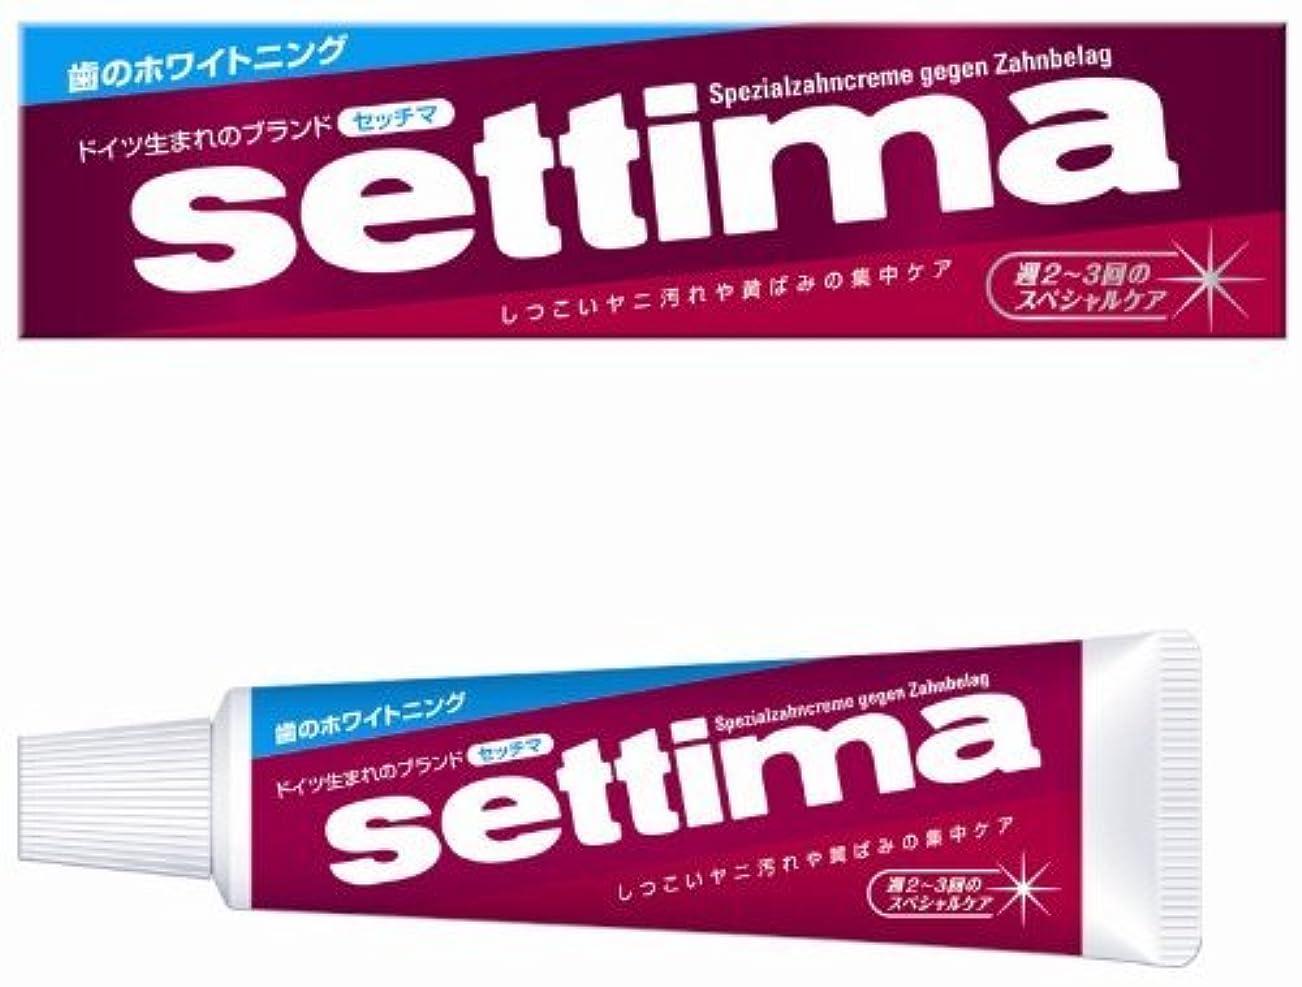 連想珍味あえてsettima(セッチマ) はみがき スペシャル (箱タイプ) 40g